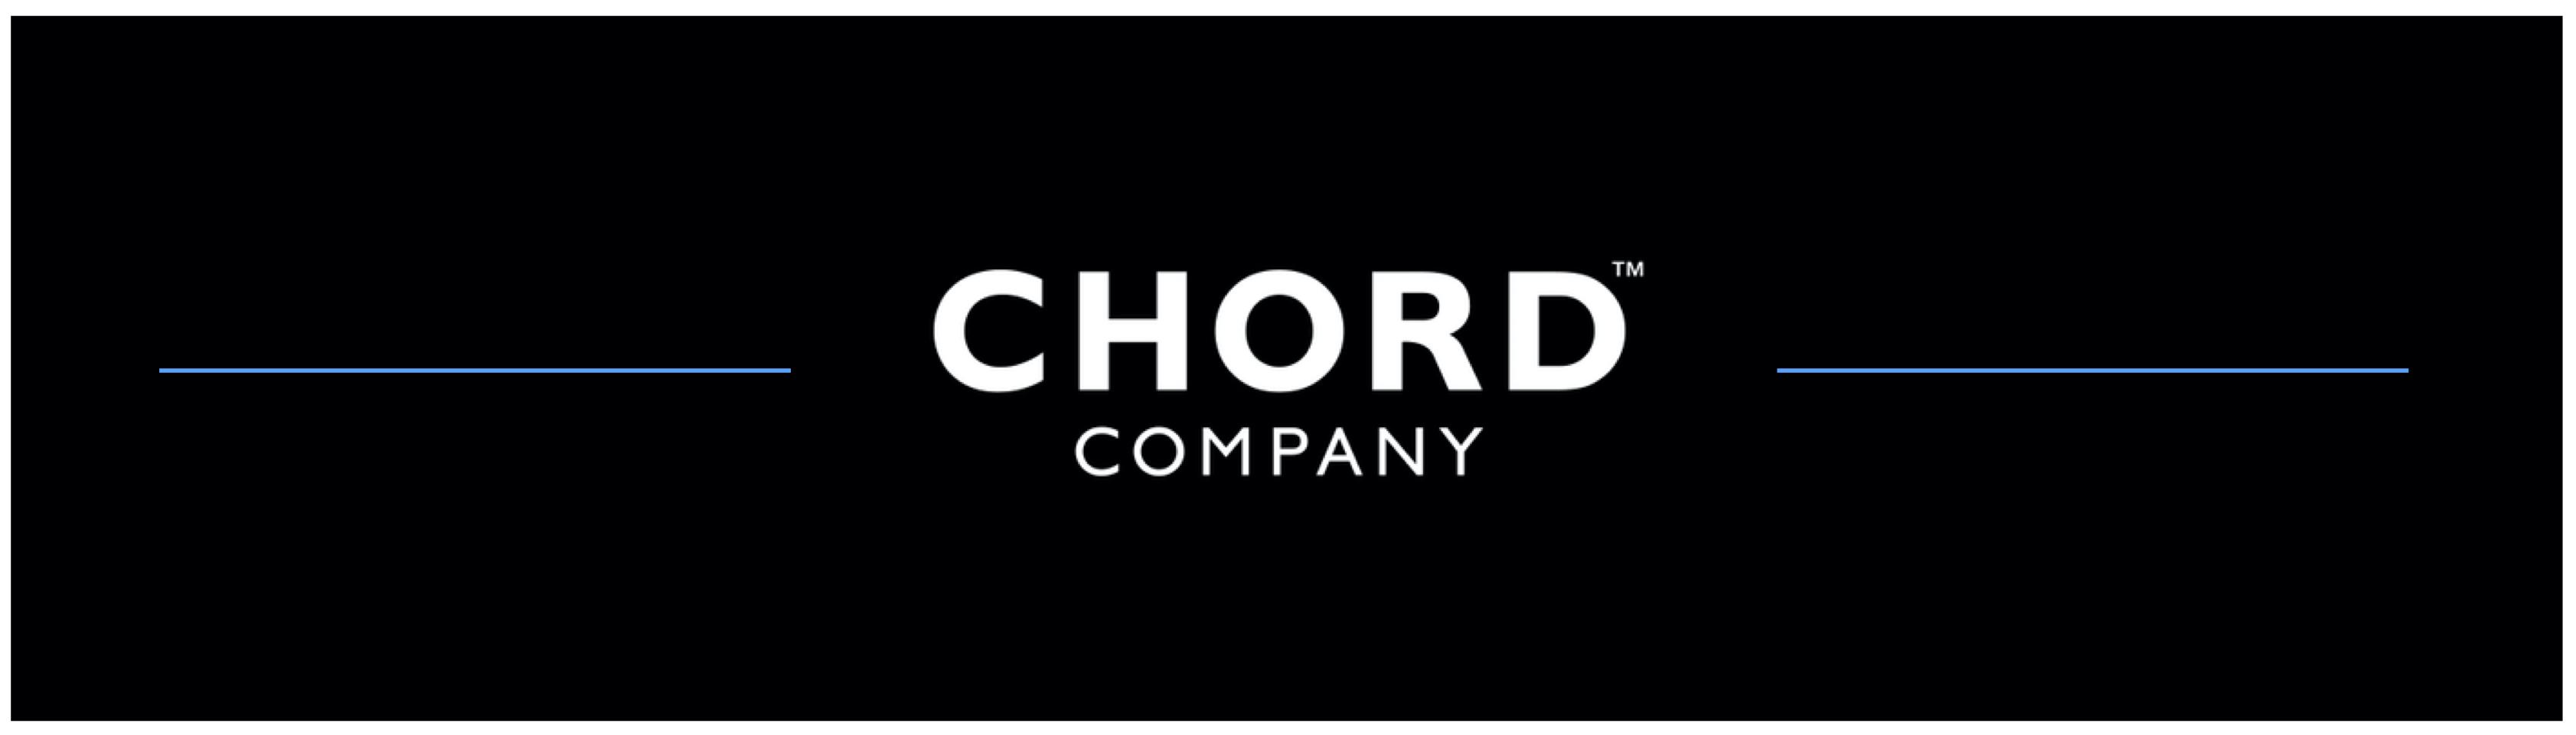 chord-logo.jpg